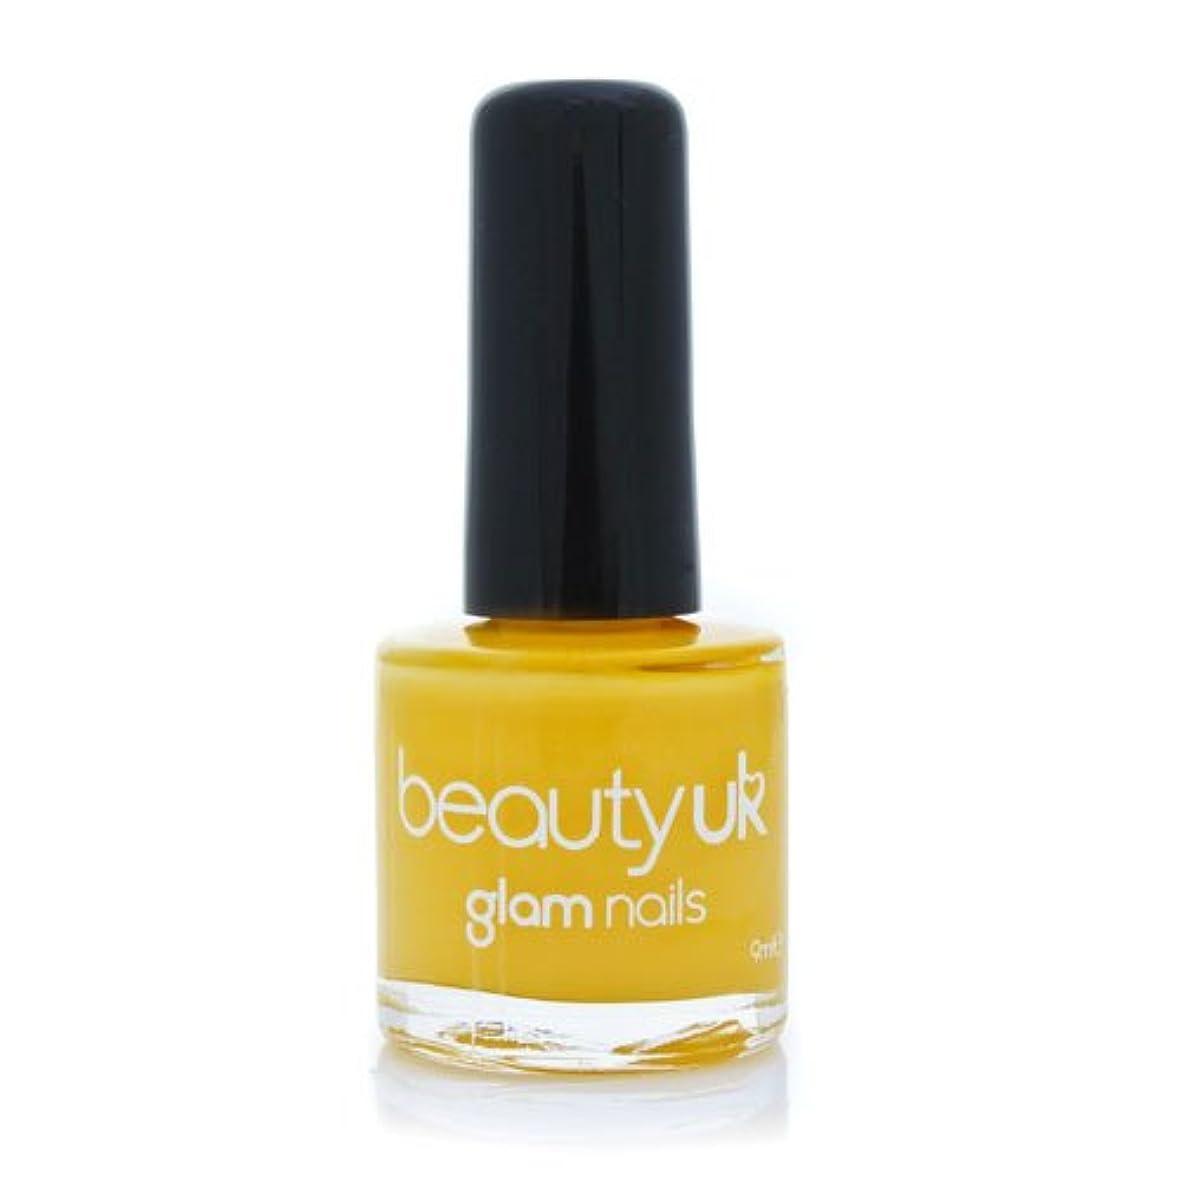 すごいオーロック契約するBeauty Uk Glam Nails No36 Yellow Peril 9ml [並行輸入品]